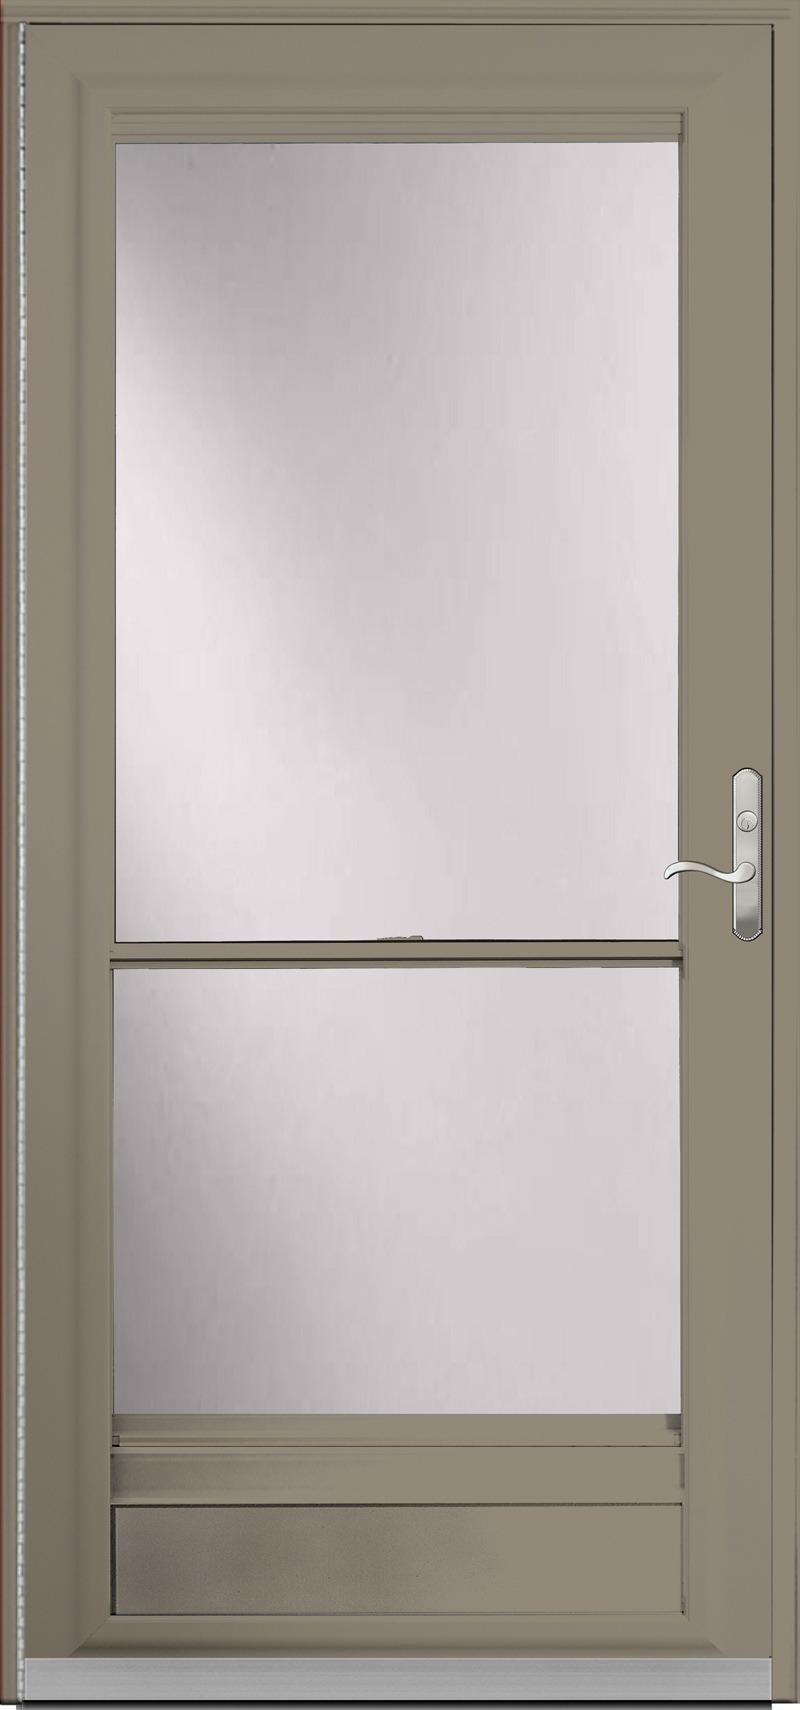 A dark tan door with glass inside